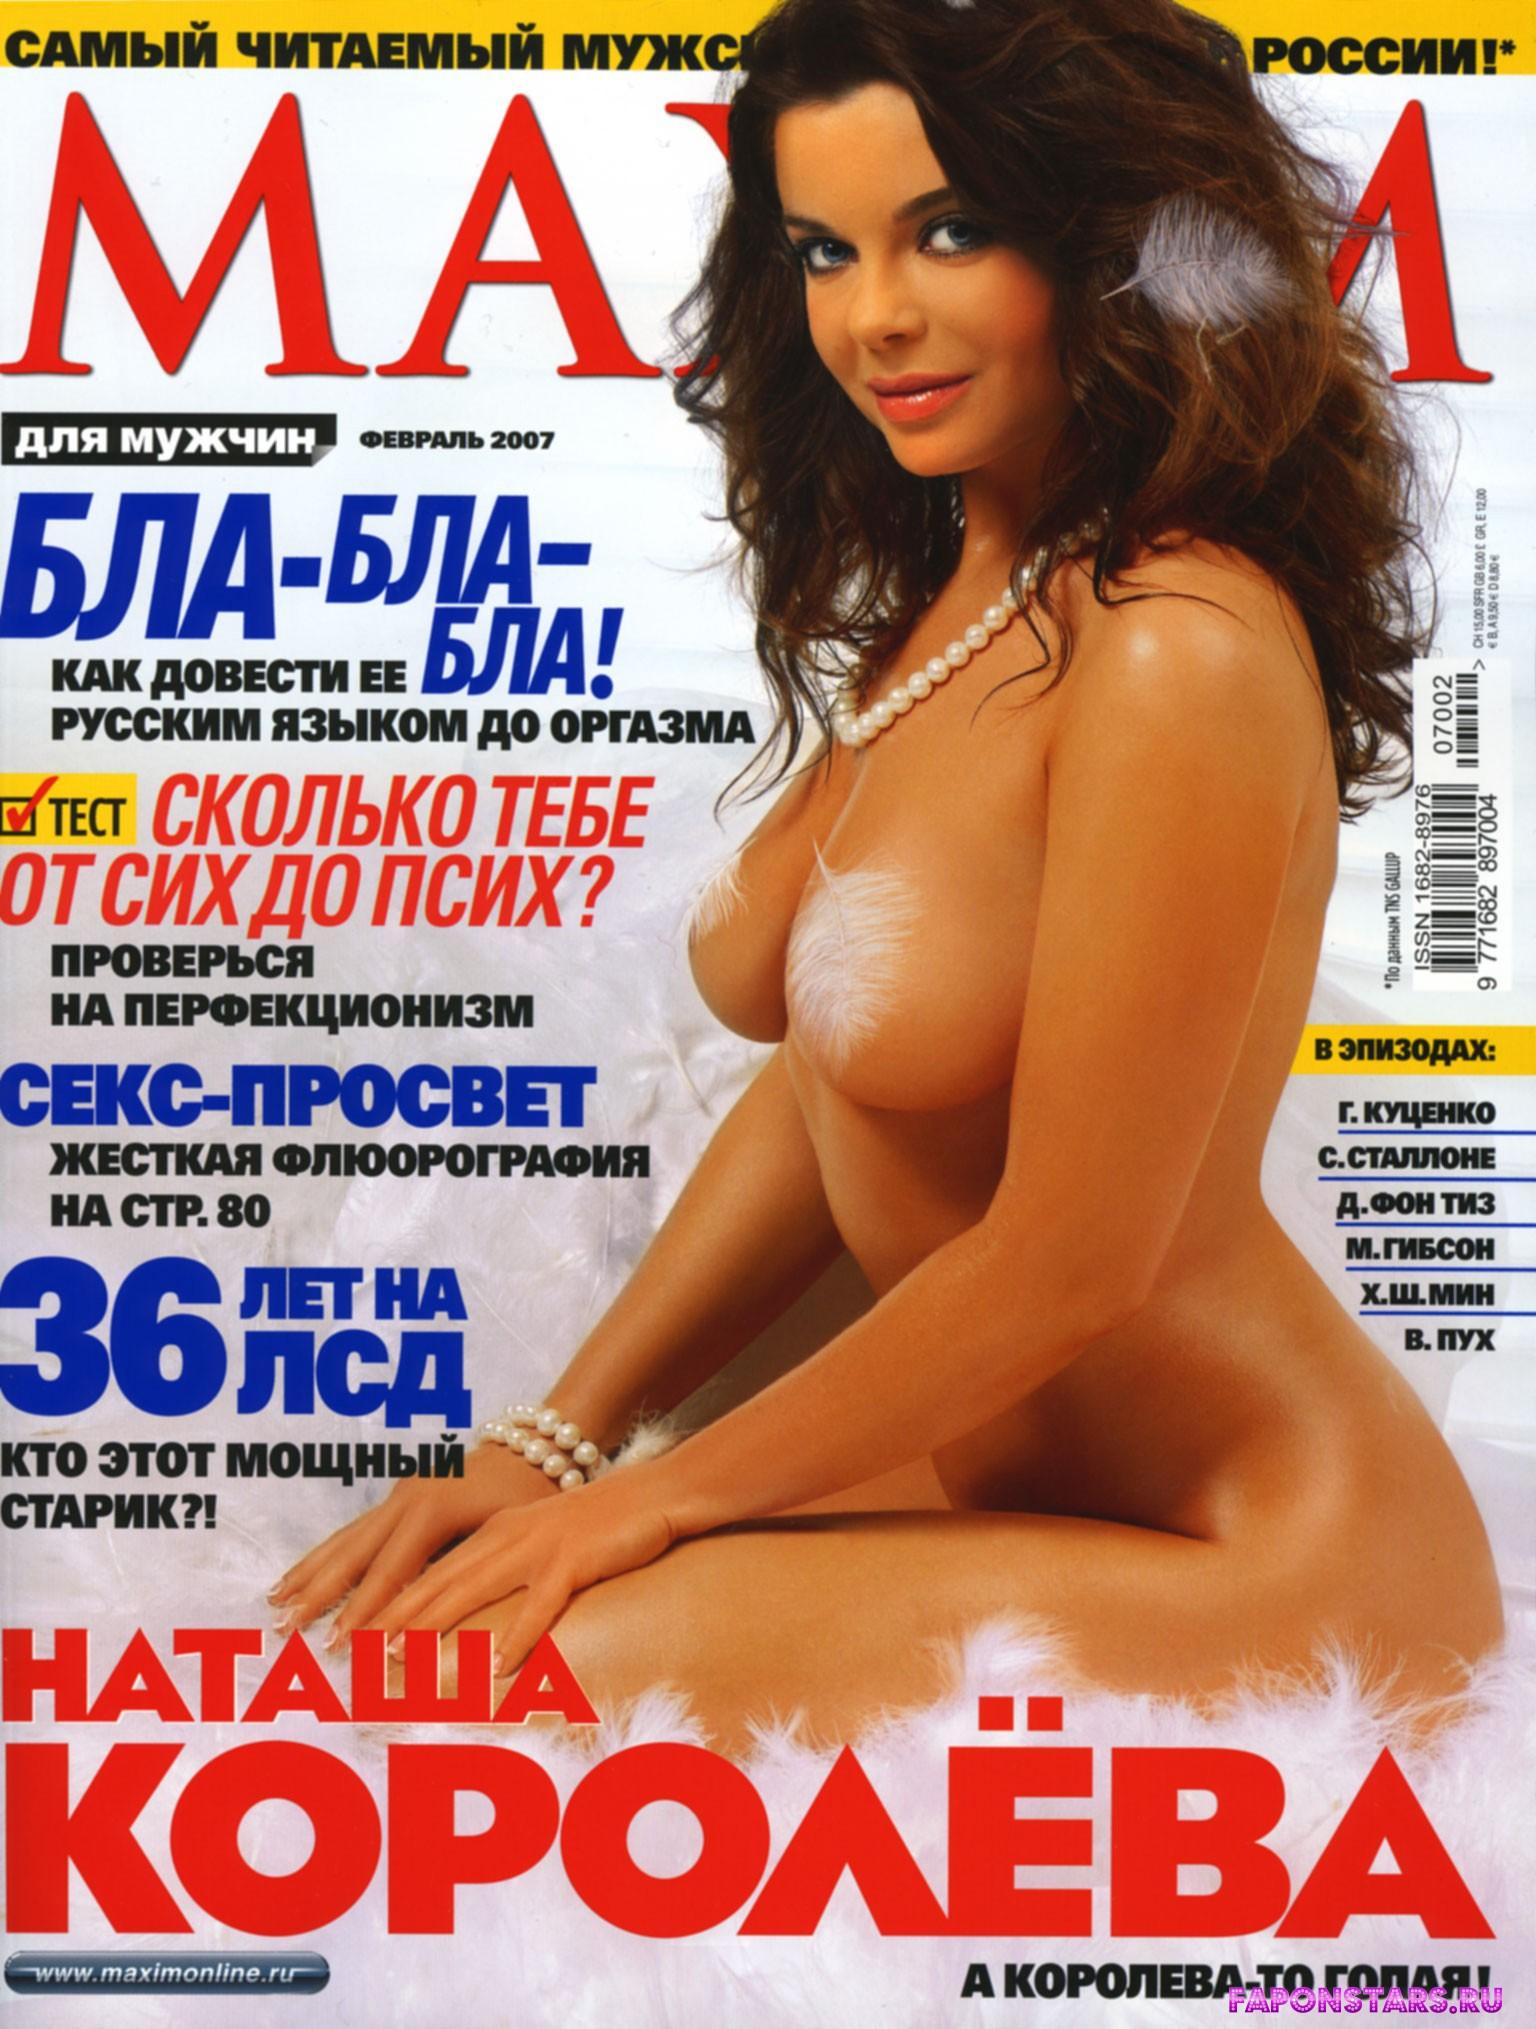 Наташа Королёва секретное фото